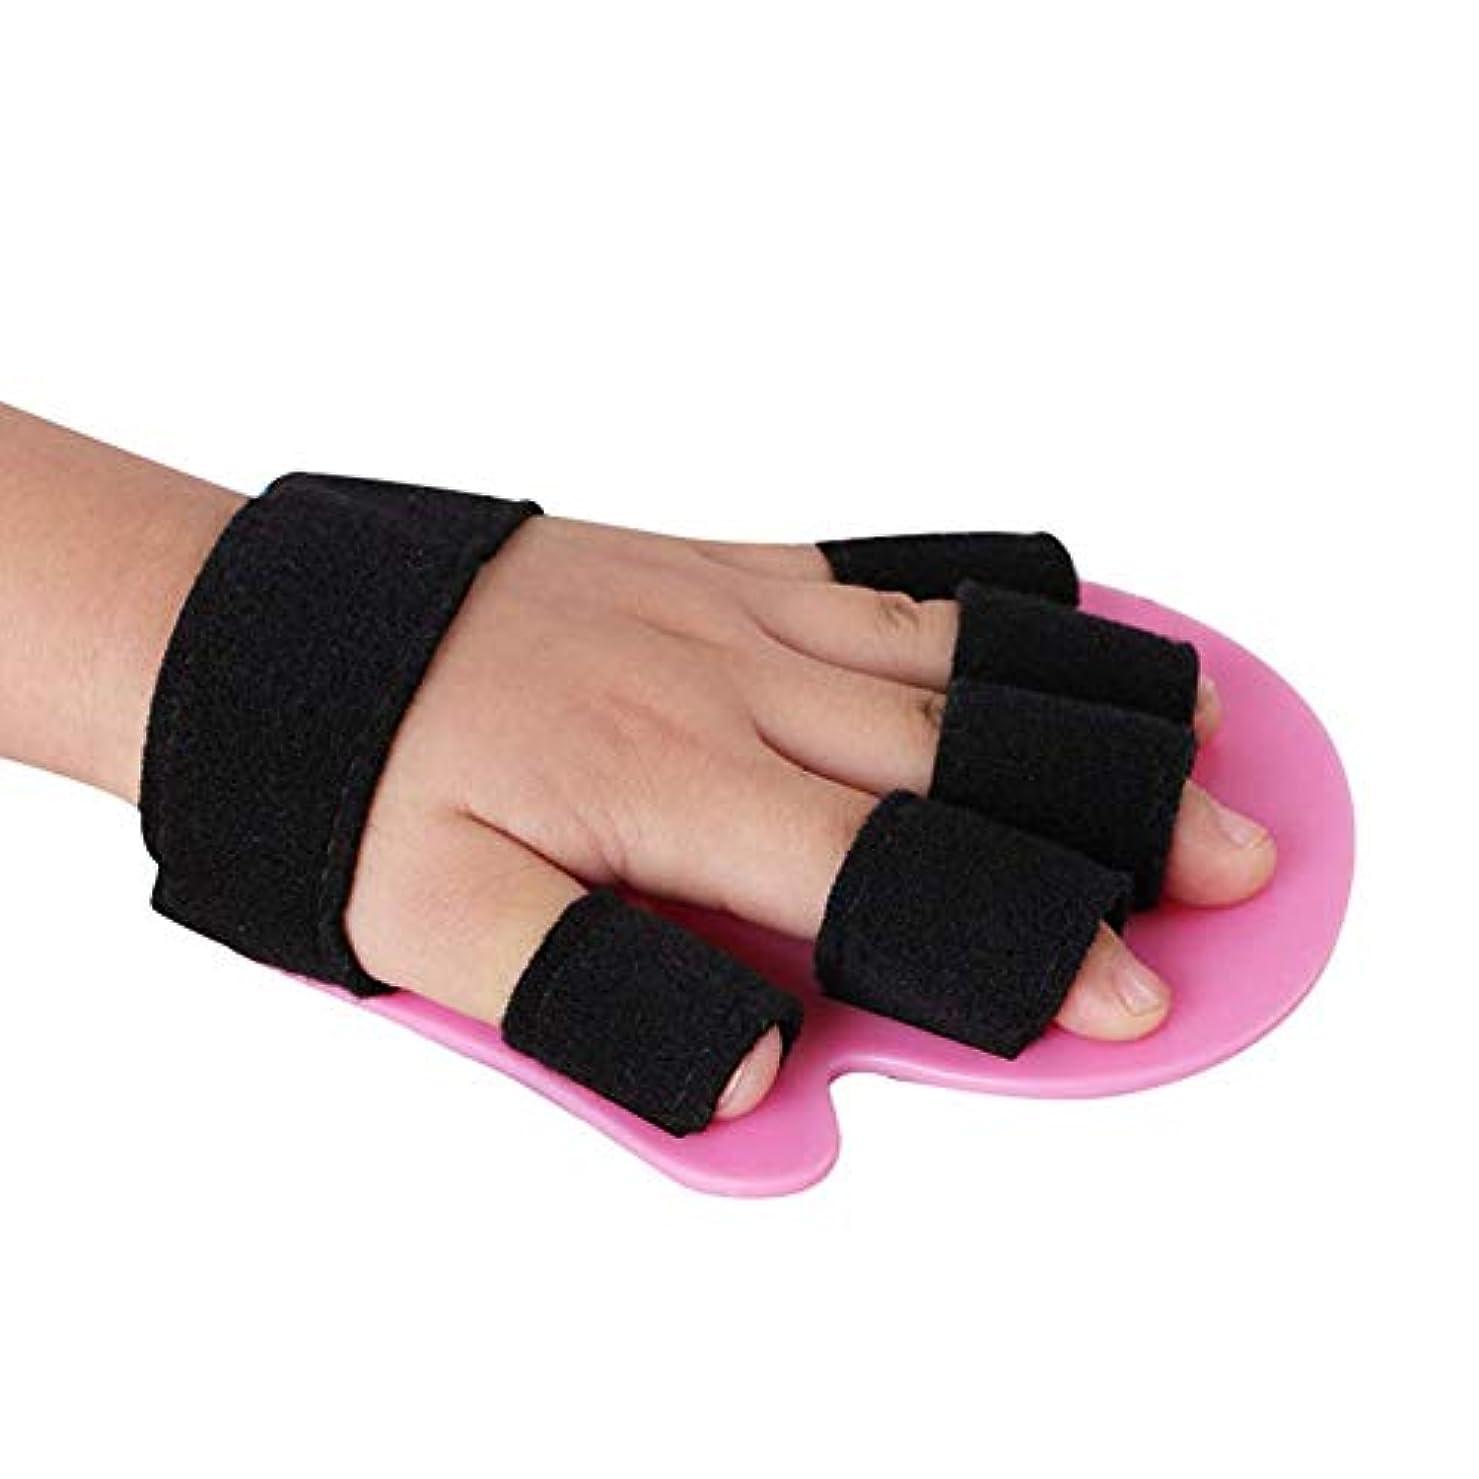 密度祝福管理しますスプリント指指セパレーター、手の手首の装具は別のデバイス患者関節炎リハビリテーション支援Brace1-5歳サポートばね指のスプリントを指